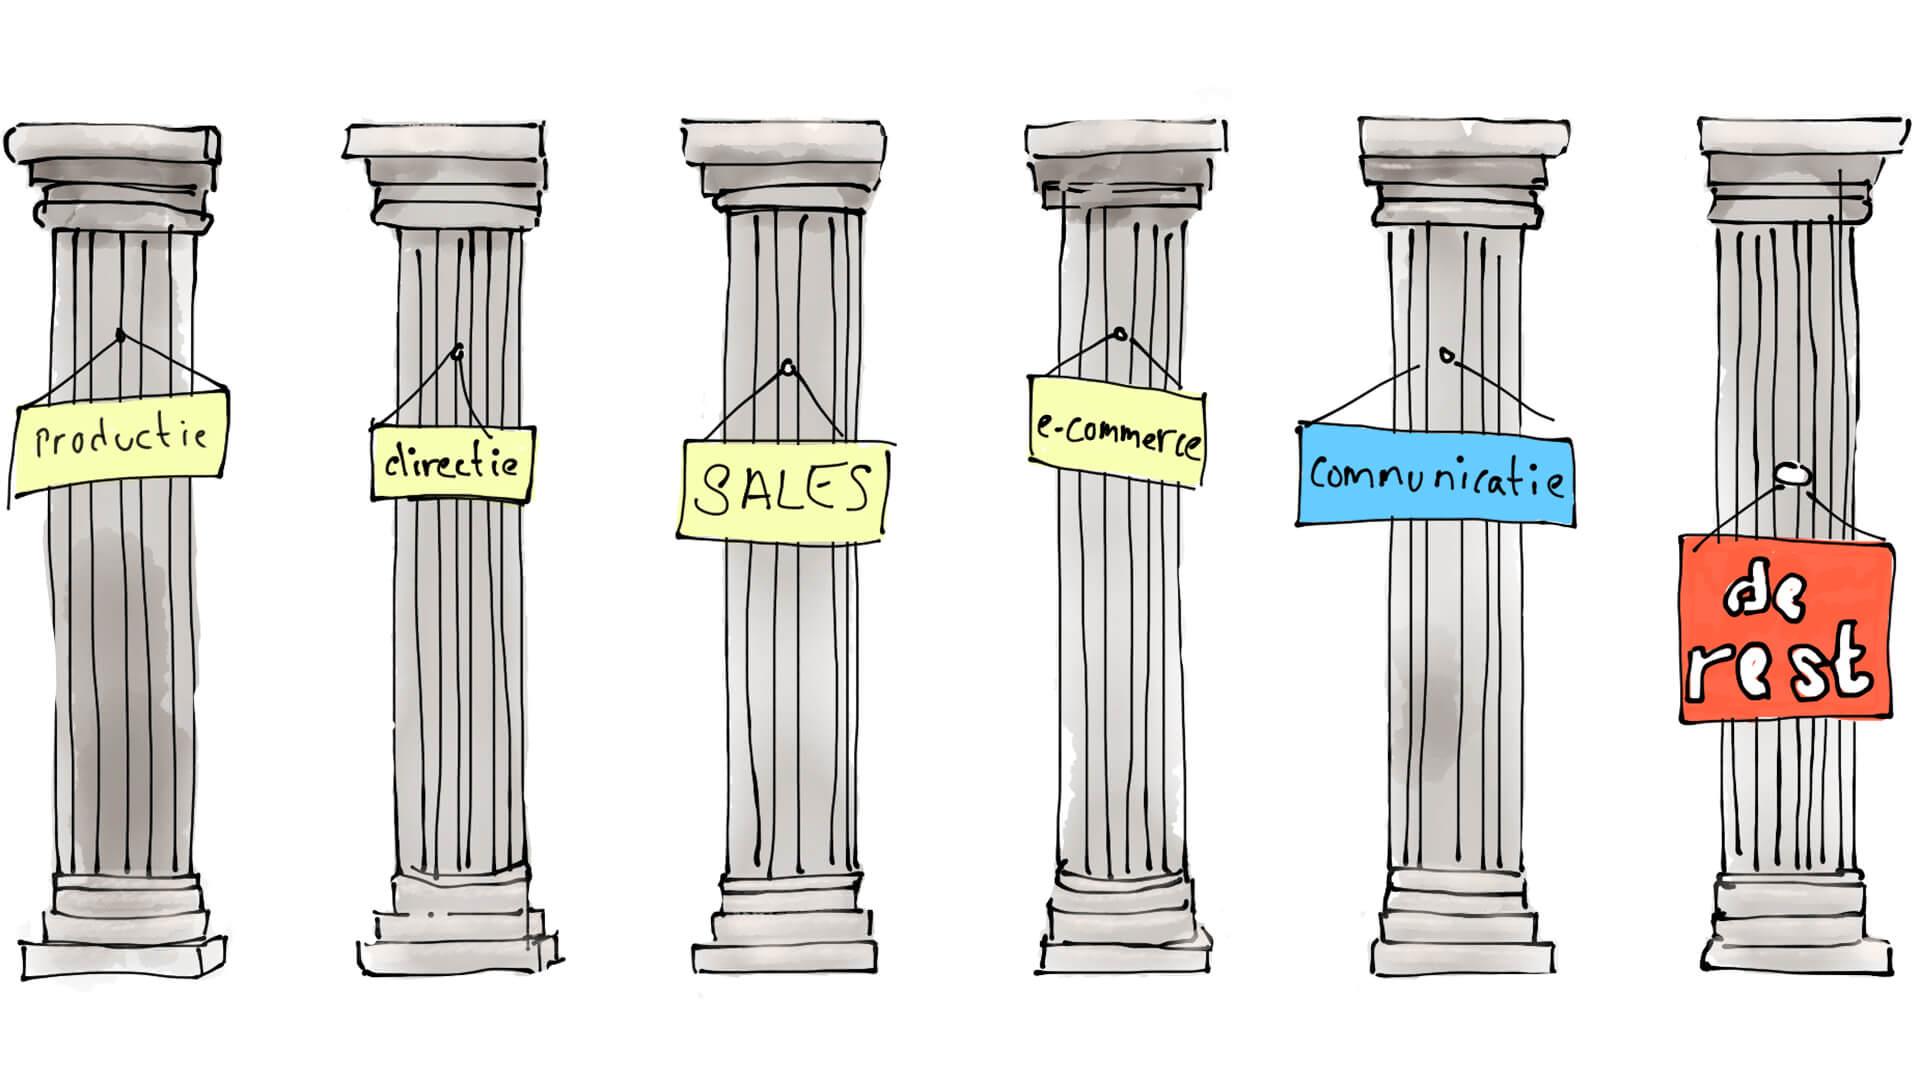 """Tekening van zes zuilen met bordjes: """"productie"""" """"directie"""" """"sales"""" """"e-commerce"""" """"communicatie"""" """"de rest"""". De tekening hoort bij het blog over verandering bij een oud familiebedrijf. Bij het bedrijf is een afdeling sales en een afdeling e-commerce te vinden."""